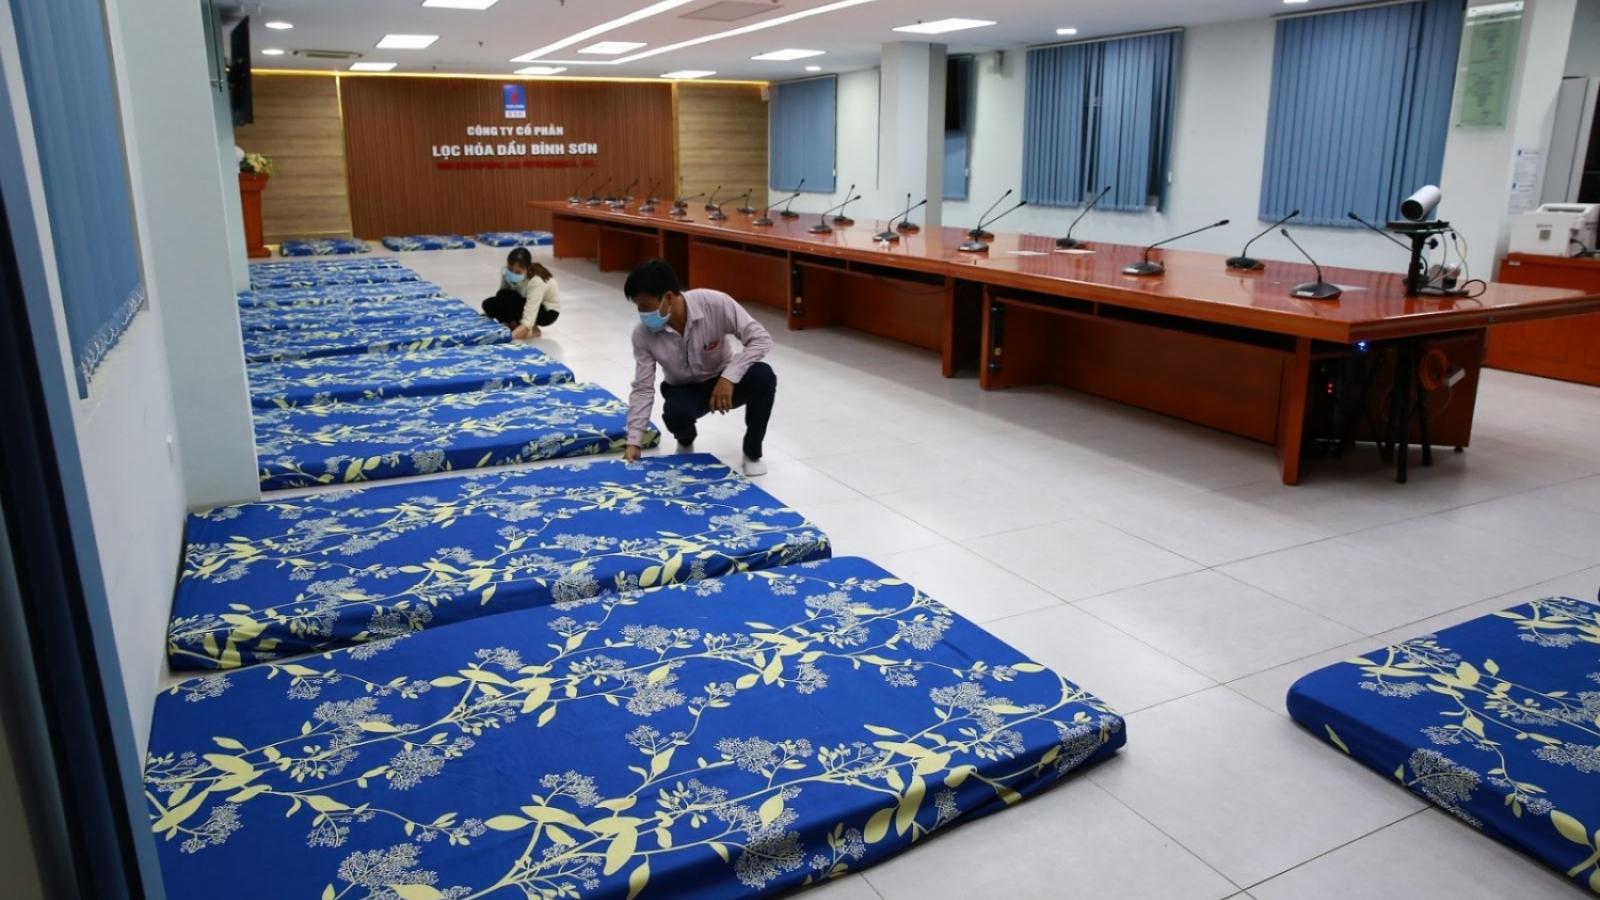 Quảng Ngãi: Để lây lan dịch bệnh, chủ doanh nghiệp phải chịu trách nhiệm